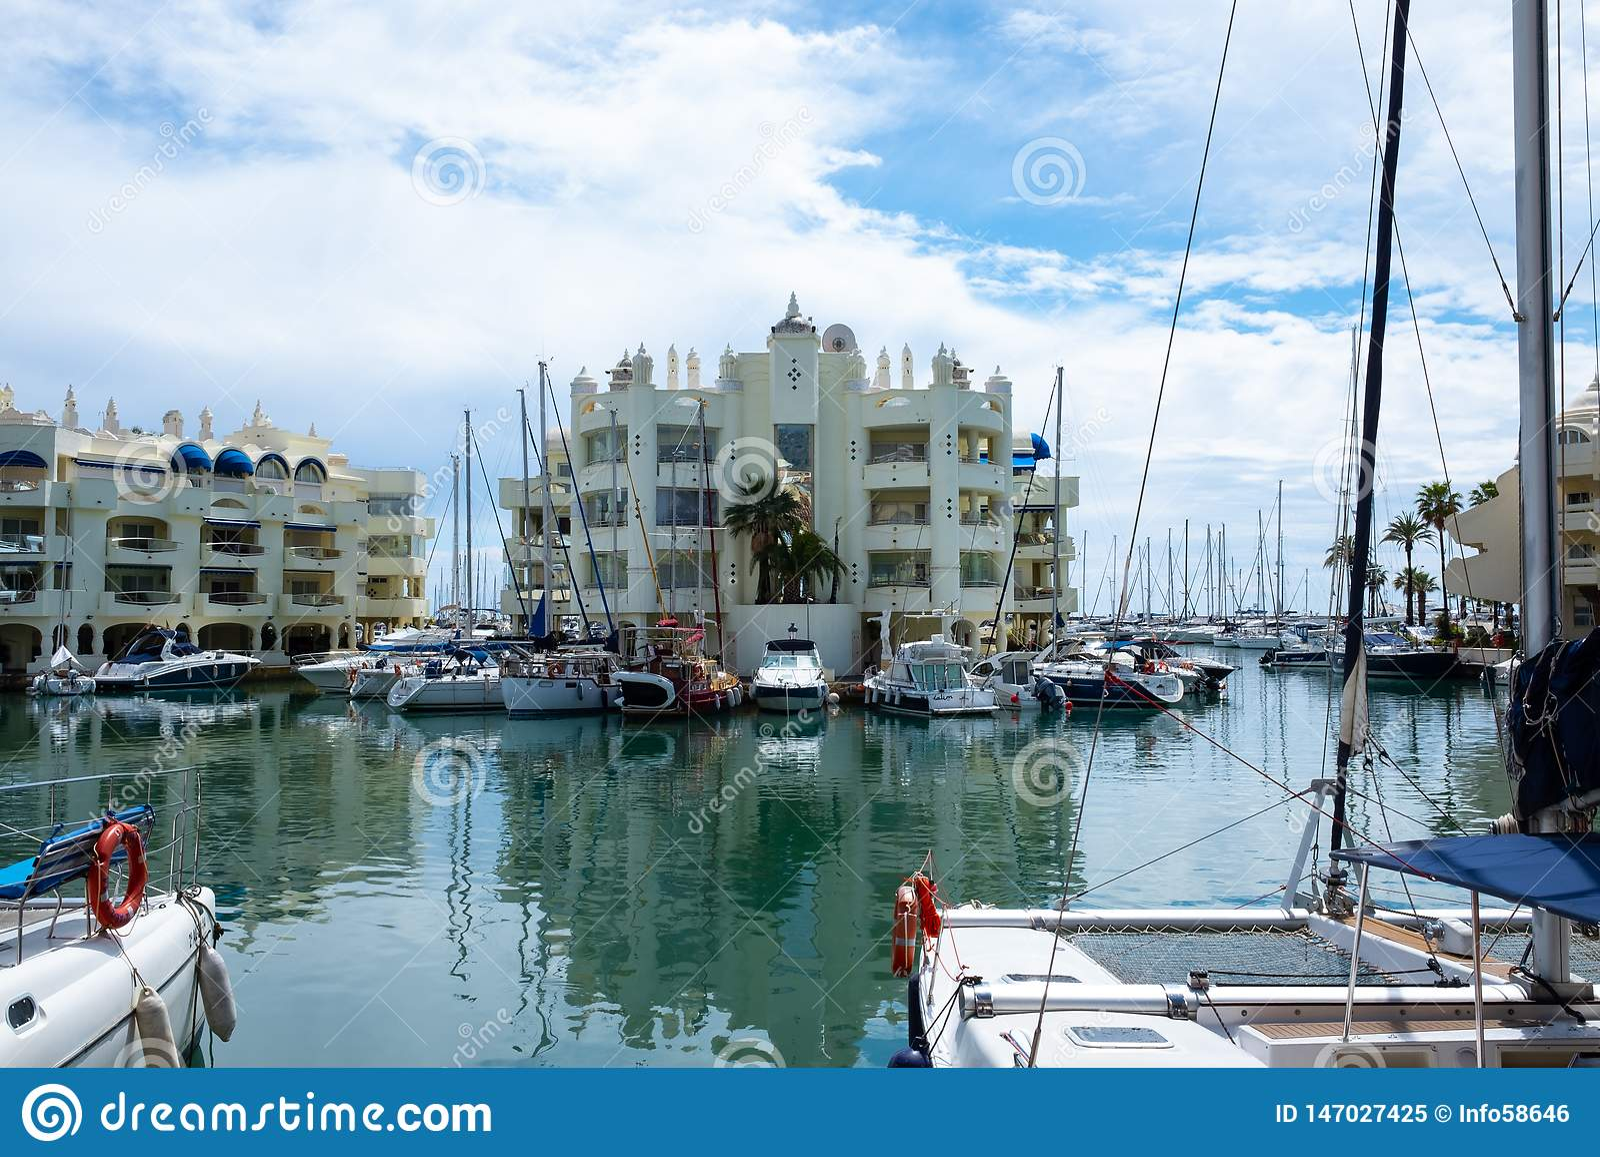 BENALMADENA, MALAGA, SPAIN. May 8, 2019. Port Marina with boats docked